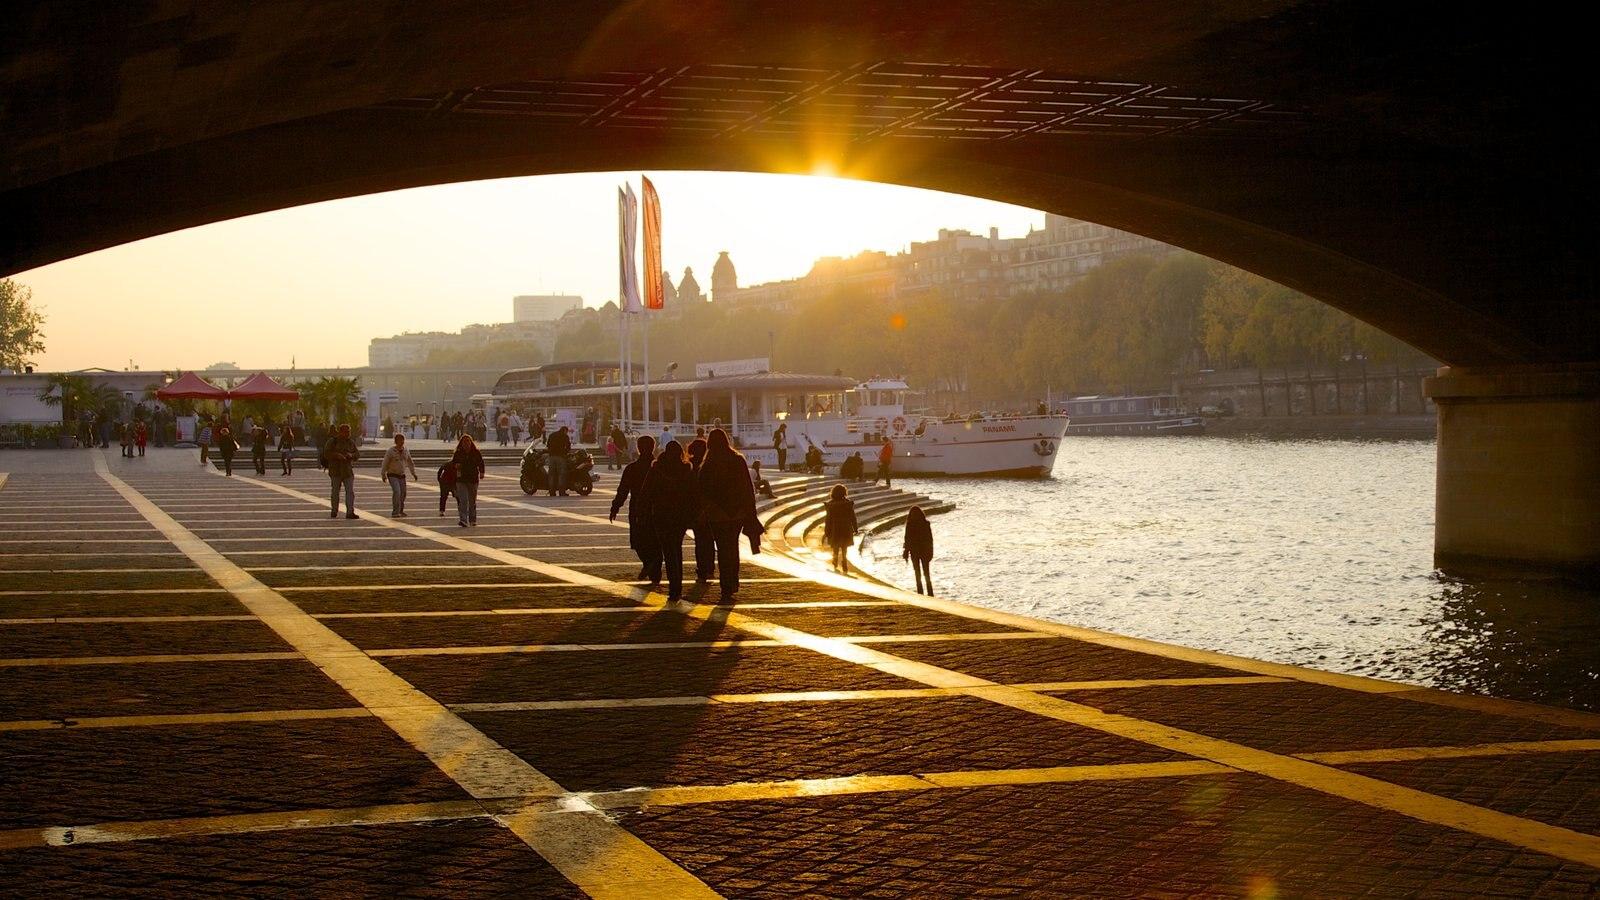 Paris caracterizando um rio ou córrego, um pôr do sol e uma ponte